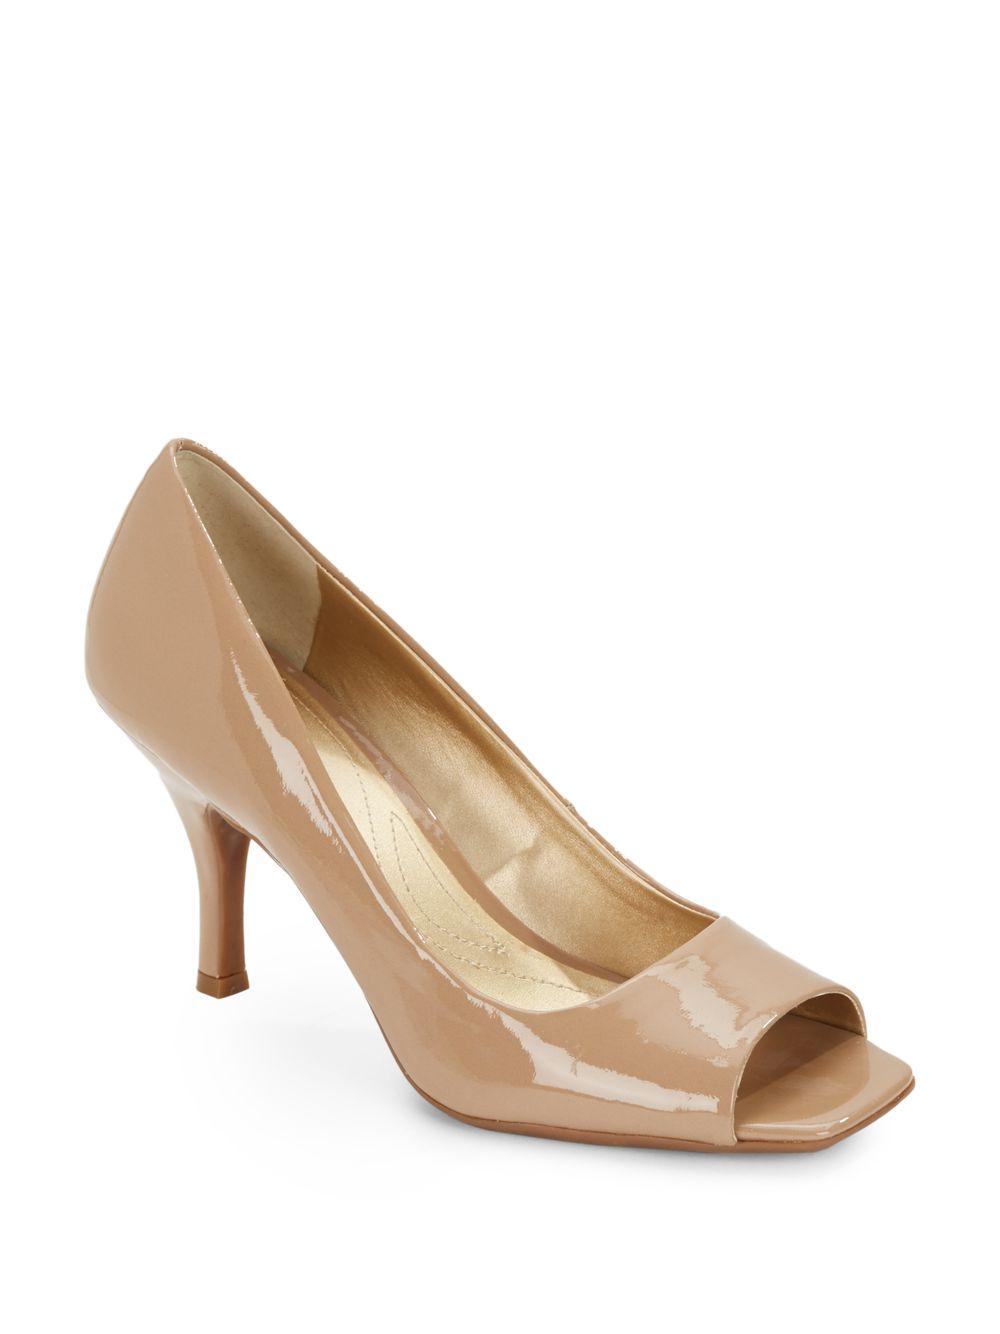 Tahari Riddle Patent Leather Peep-toe